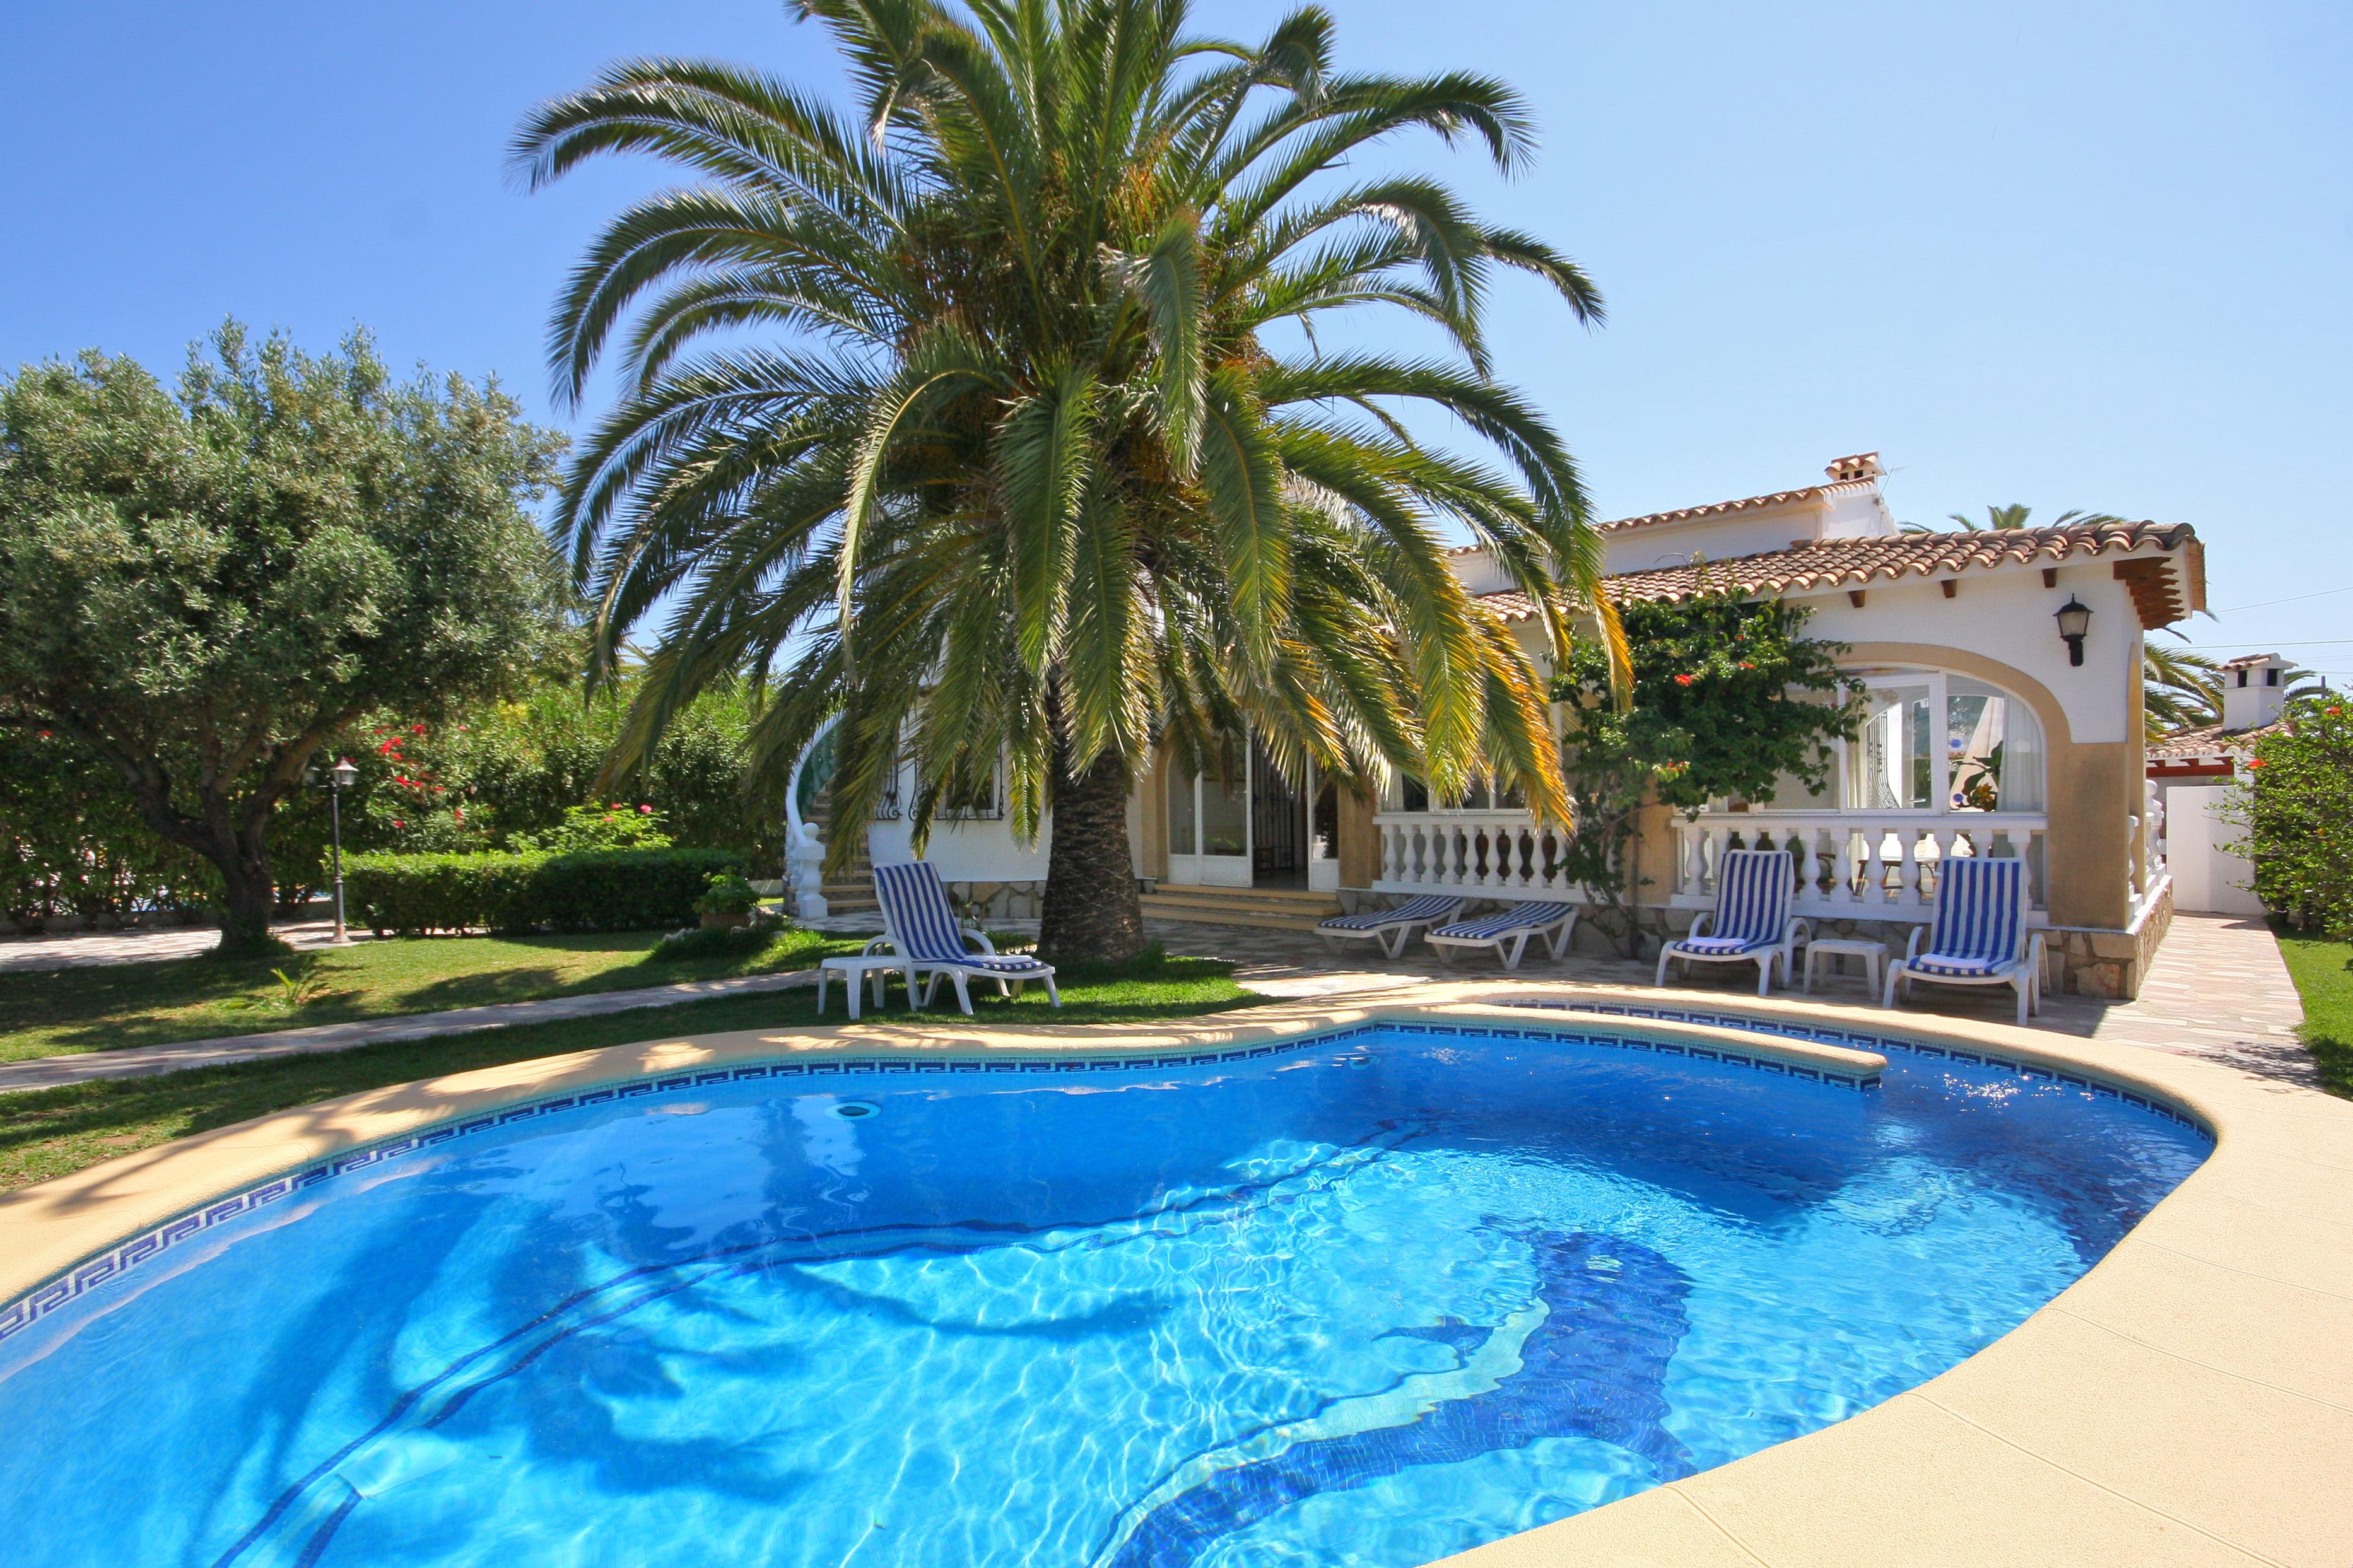 Foto piscina de ana camila vieira 932115 habitissimo for Imagenes de piscinas